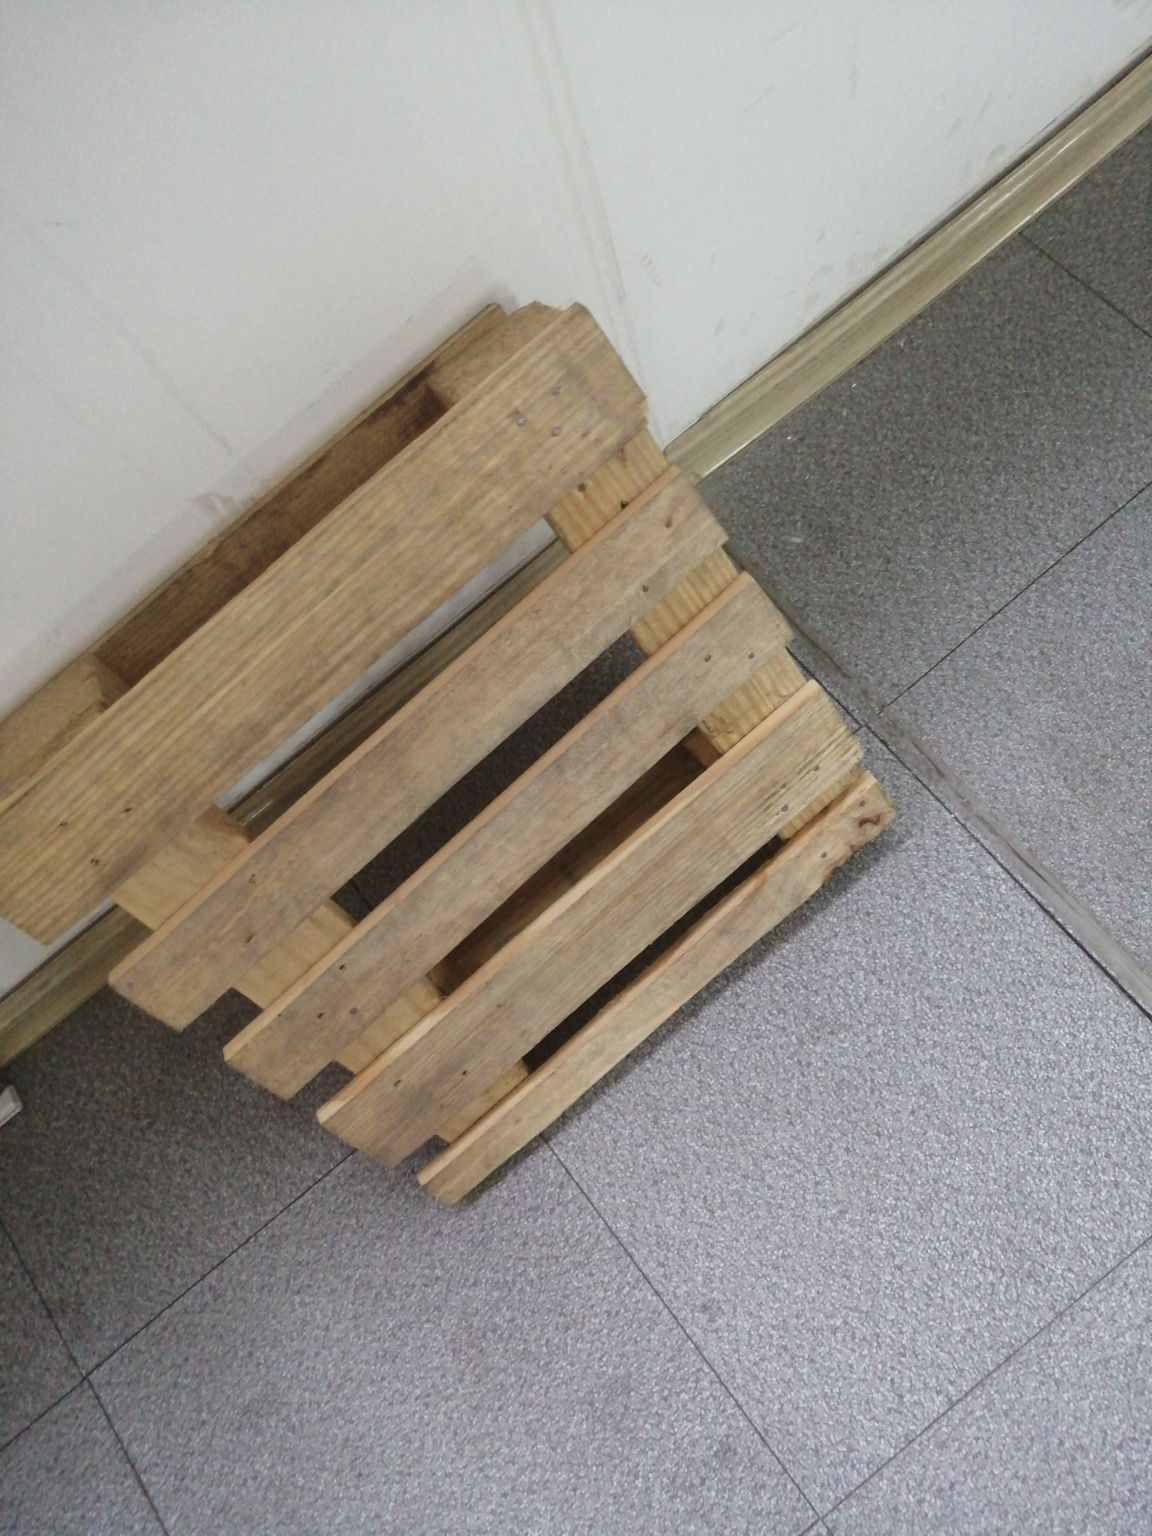 松木托盘买卖室内园林用品买卖托盘以铝合金托盘厂为例